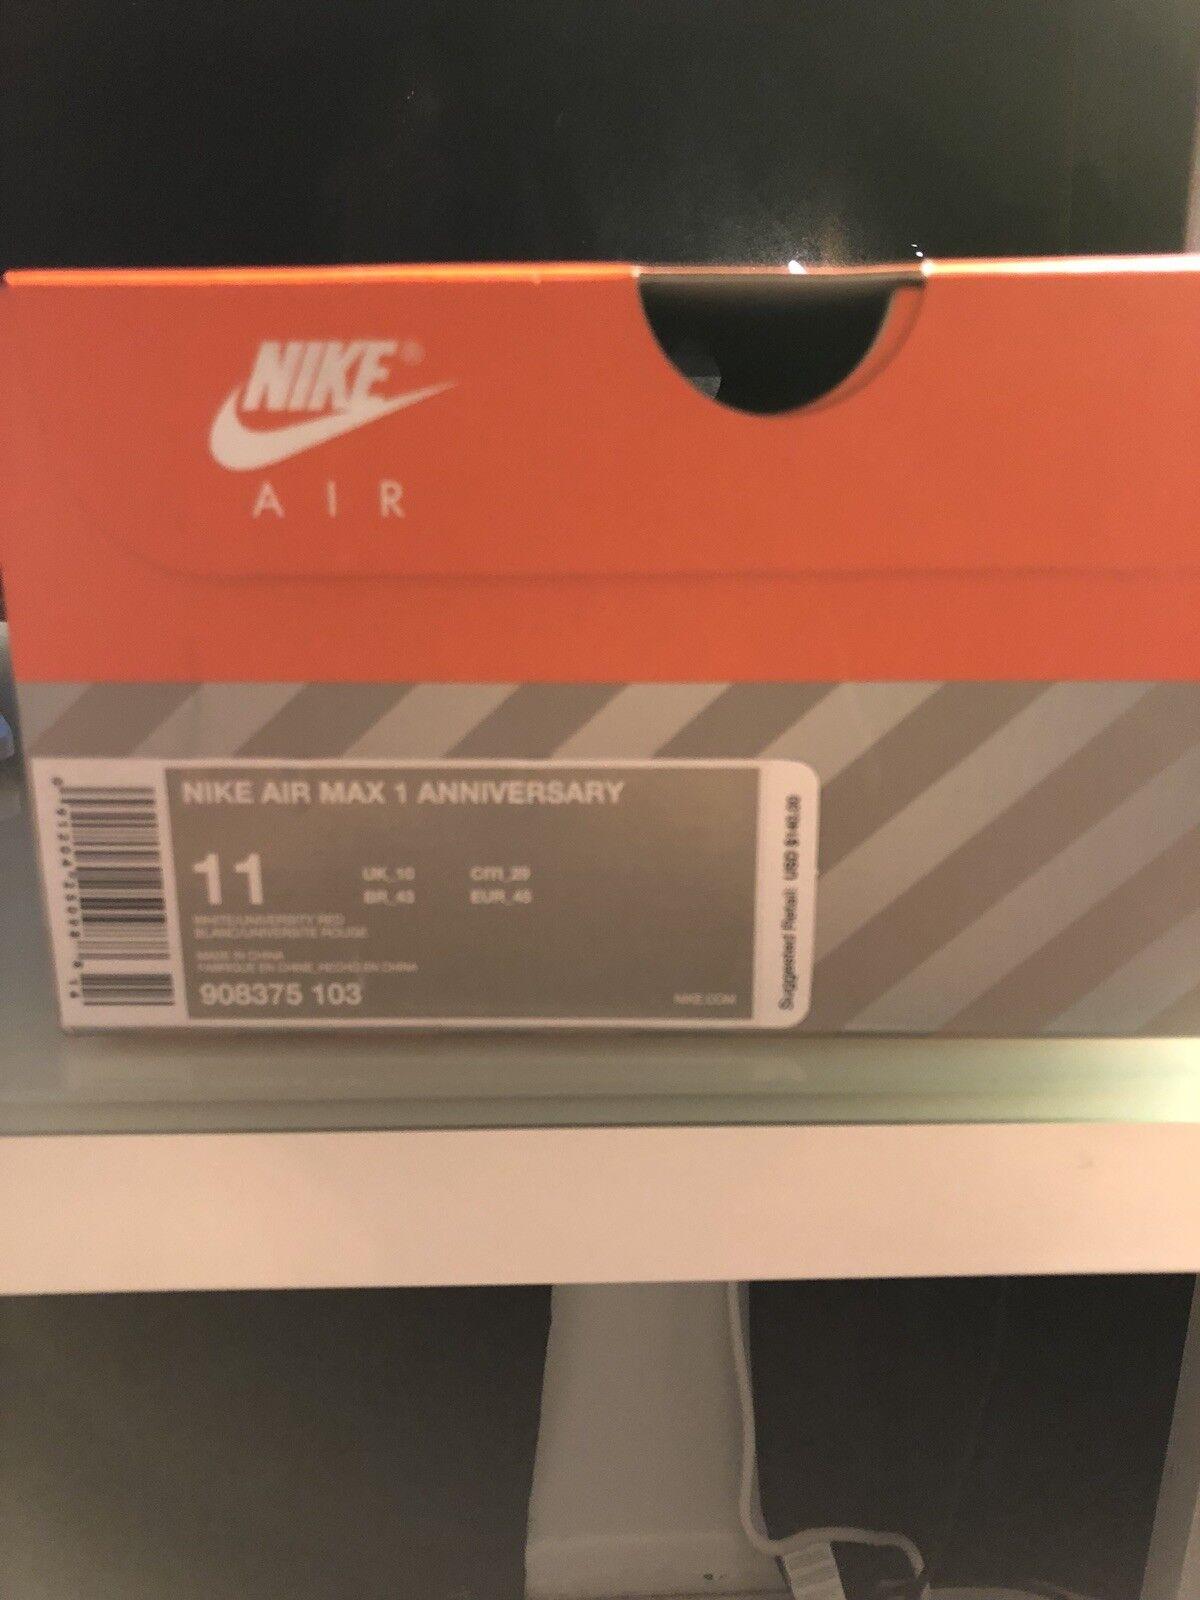 Nike air max 1 anniversario og bianco rosso grigio università taglia 11 908375 103